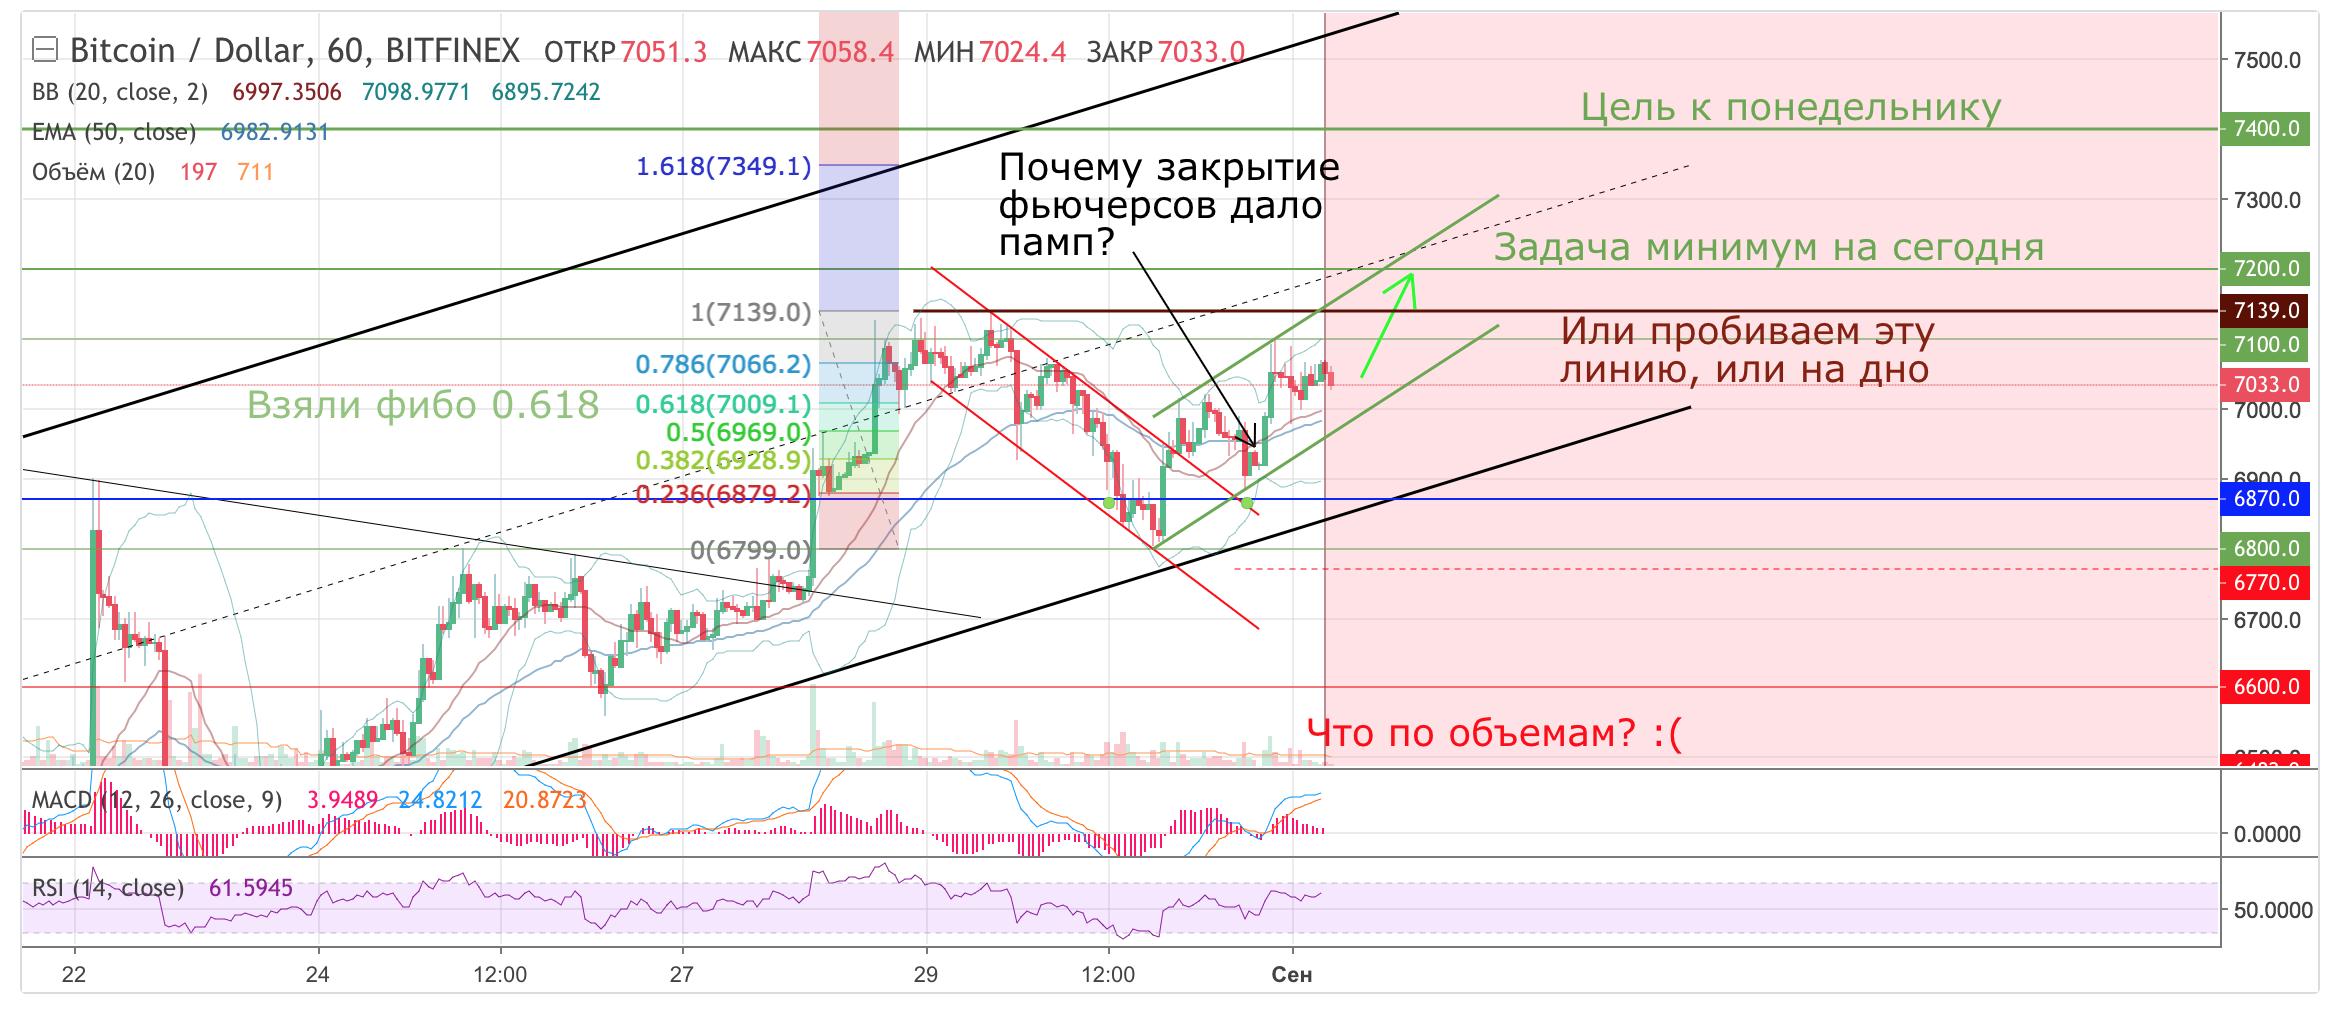 Прогноз Bitcoin на сегодня 01/09/2018 от bit_trader. 7200 USD - задача мини ...